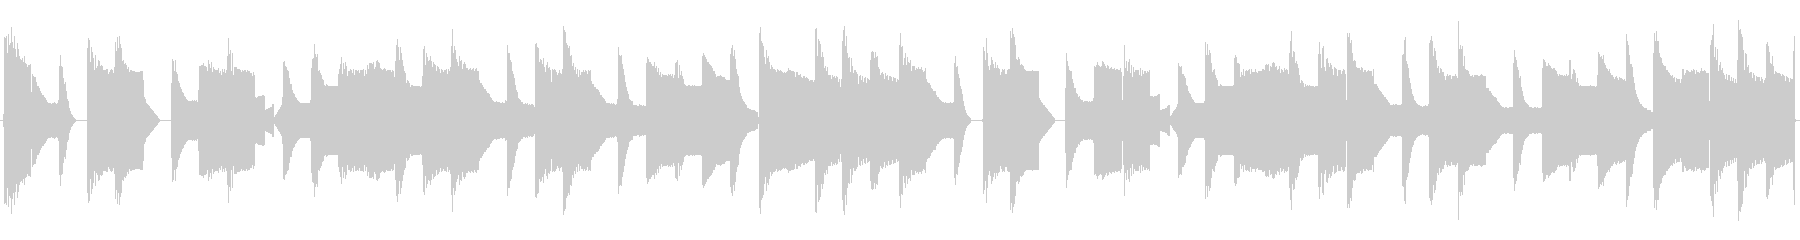 チップチューンの短いループ3の未再生の波形